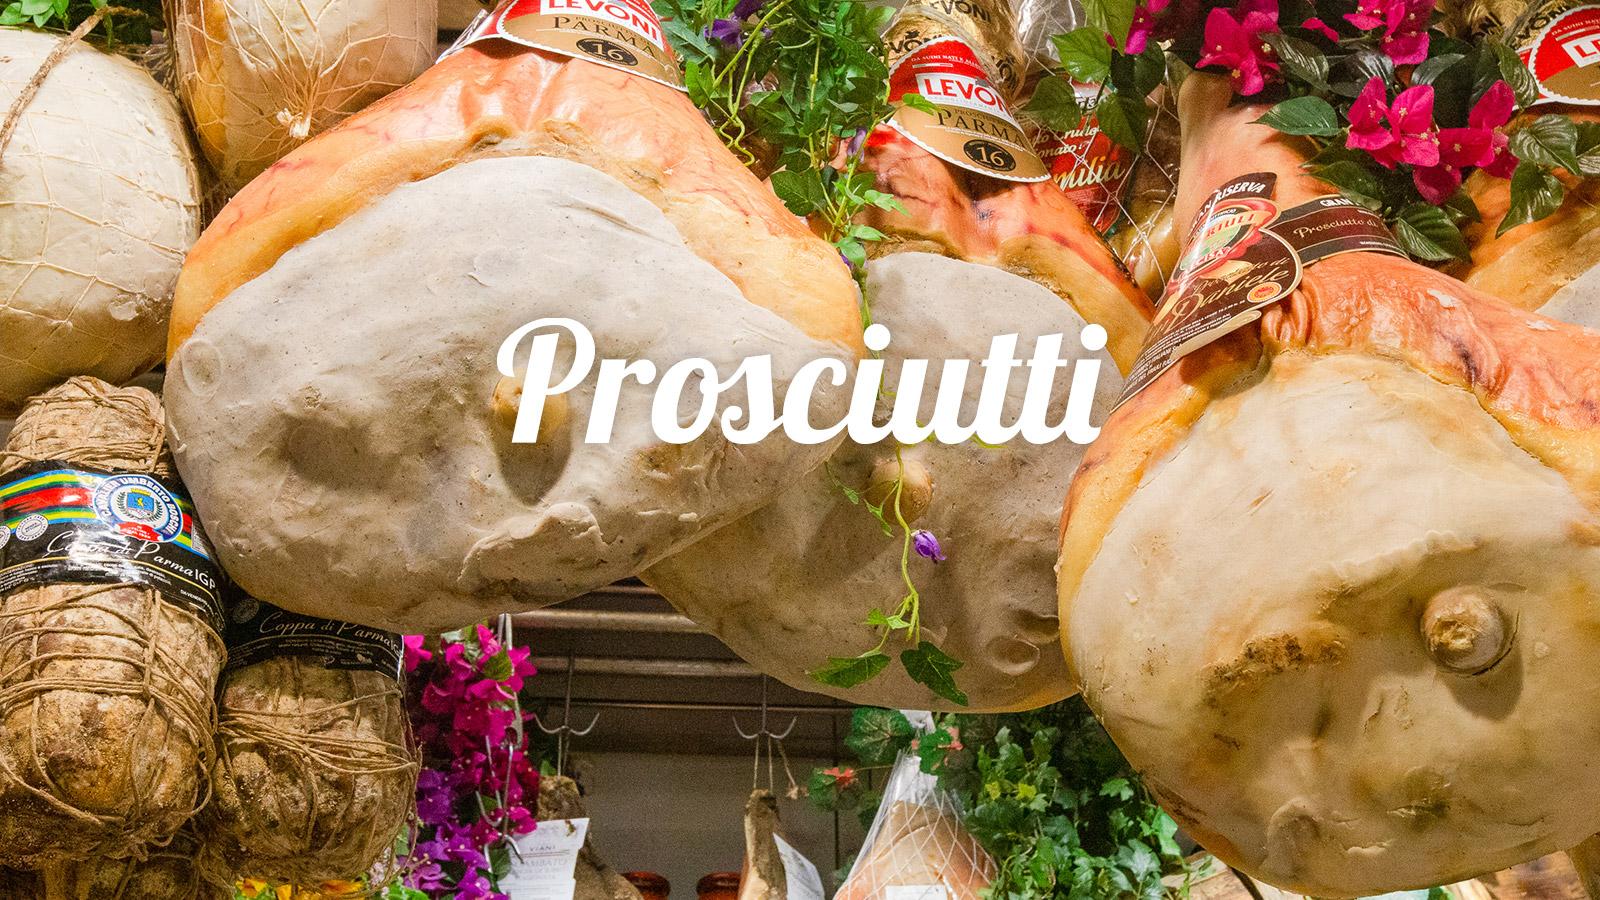 Prodotti di alta qualità per la nostra cucina tipica toscana -prosciutti - Giglio Rosso Ristorante